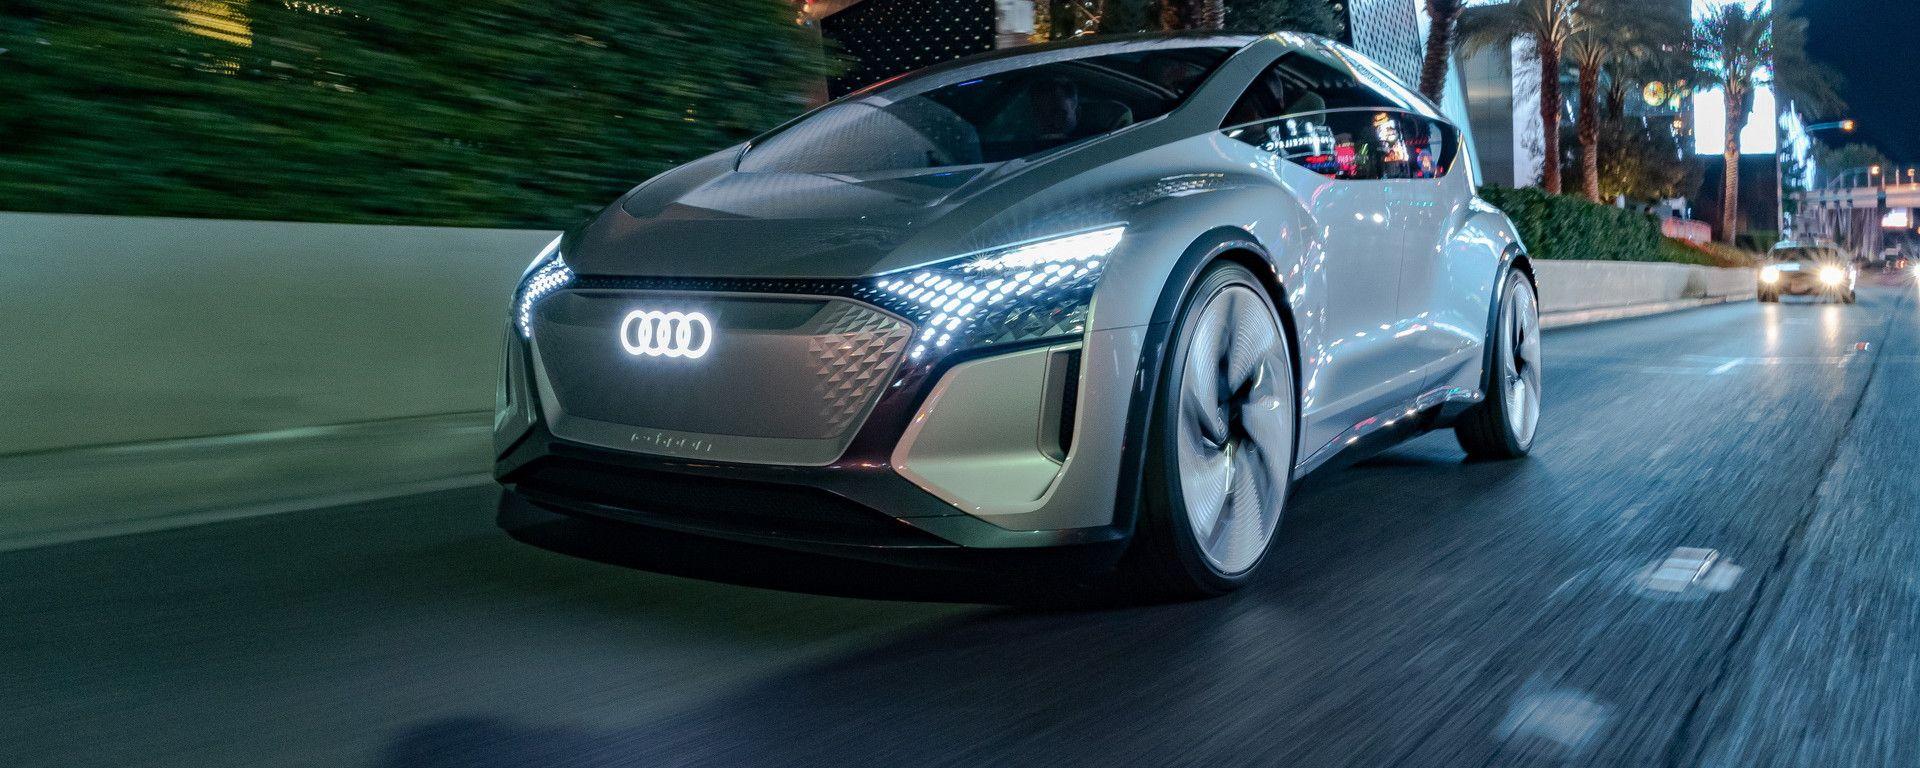 Audi AI:ME, la concept a guida autonoma presentata al CES